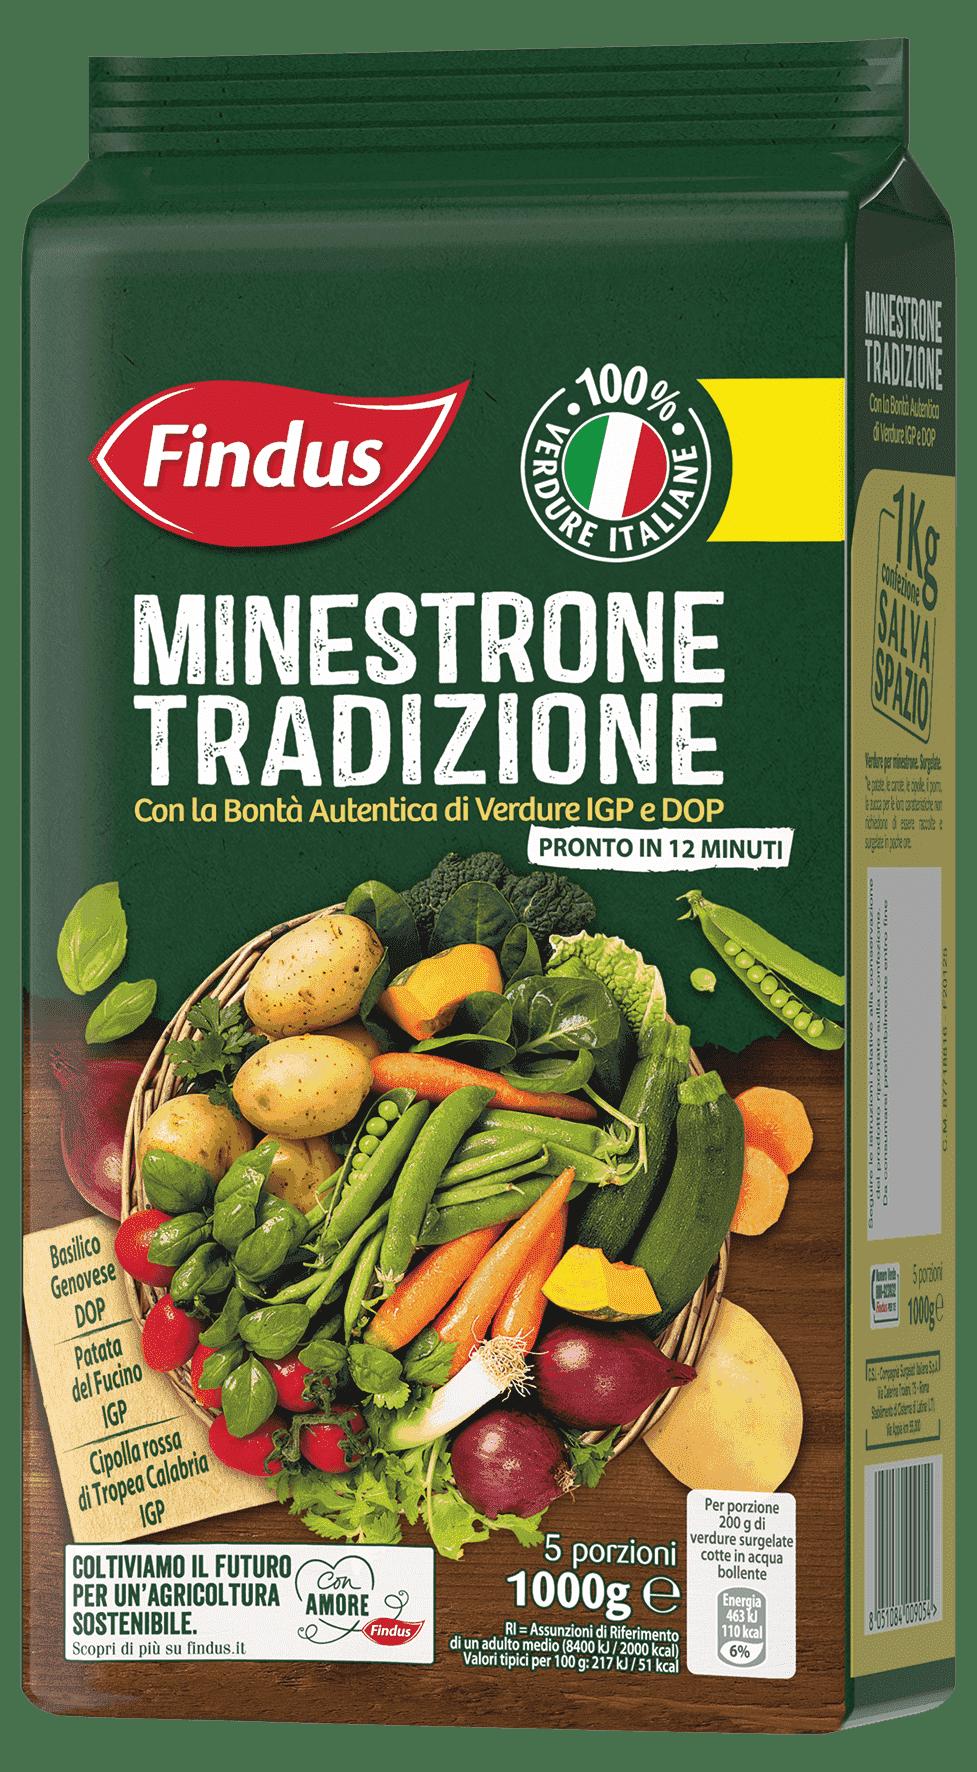 minestrone tradizione - Findus